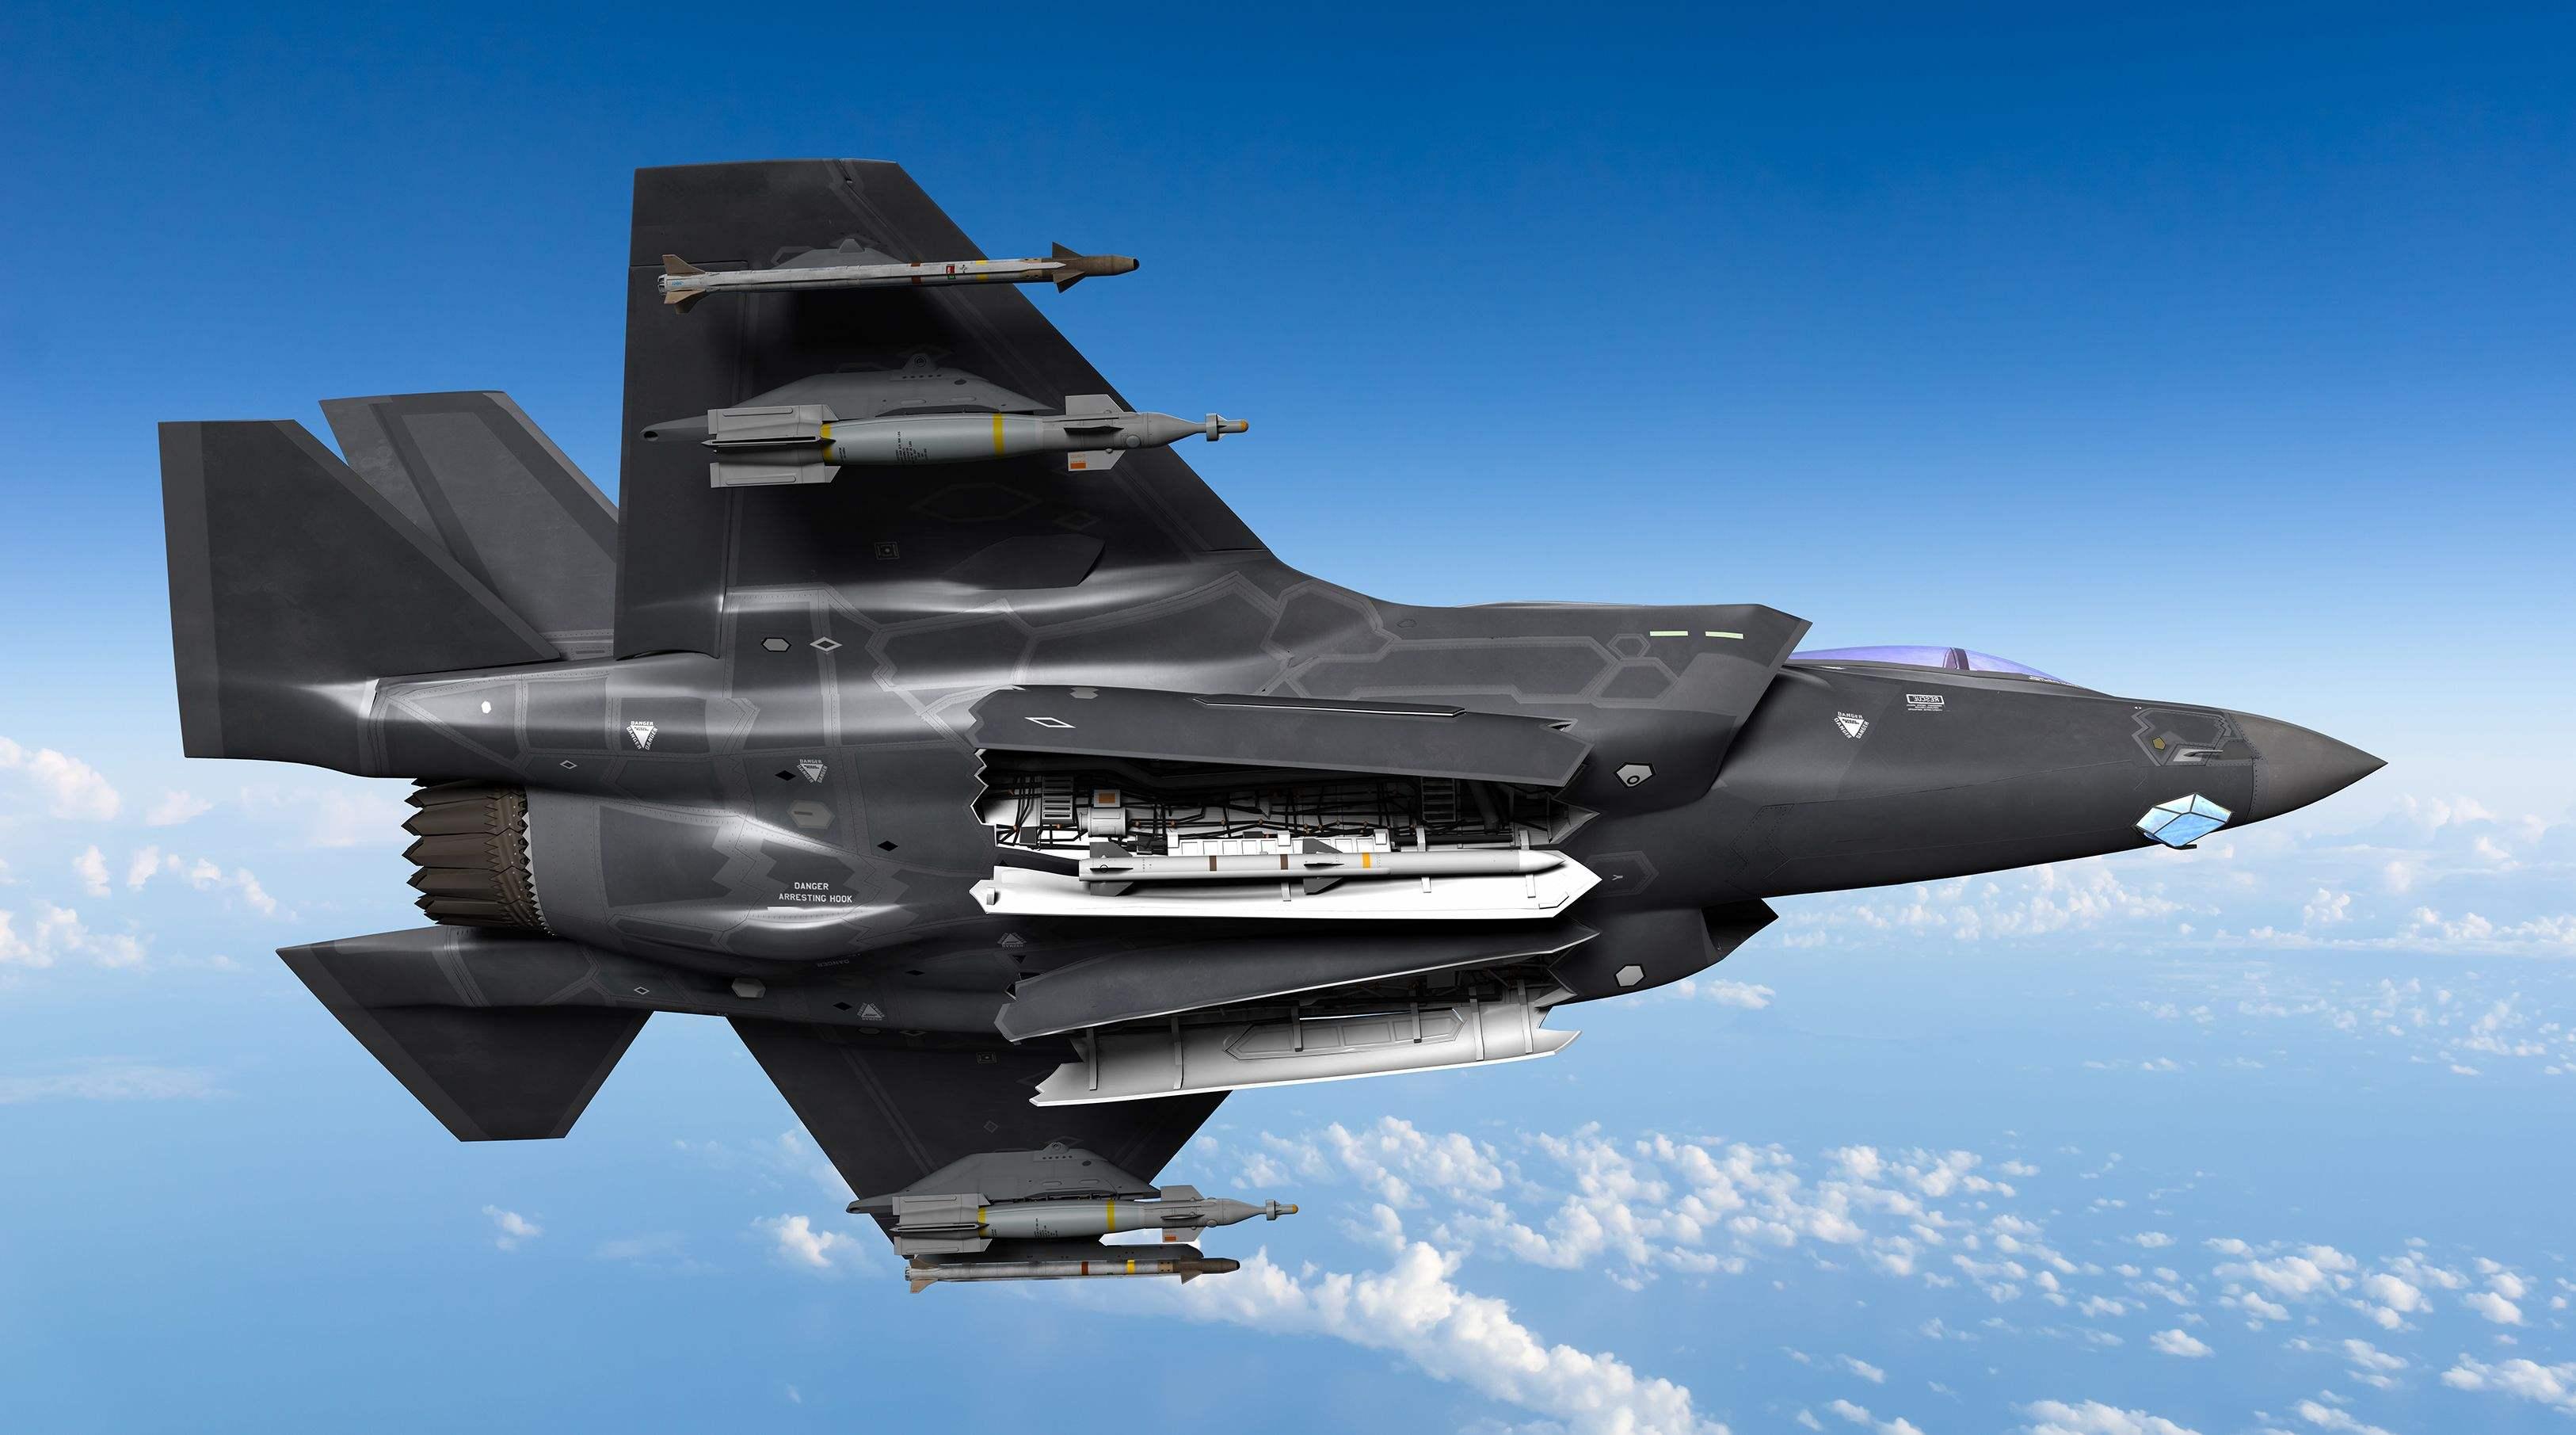 洛·马已交付300架F-35 专家:中国五代机步子应再快一点